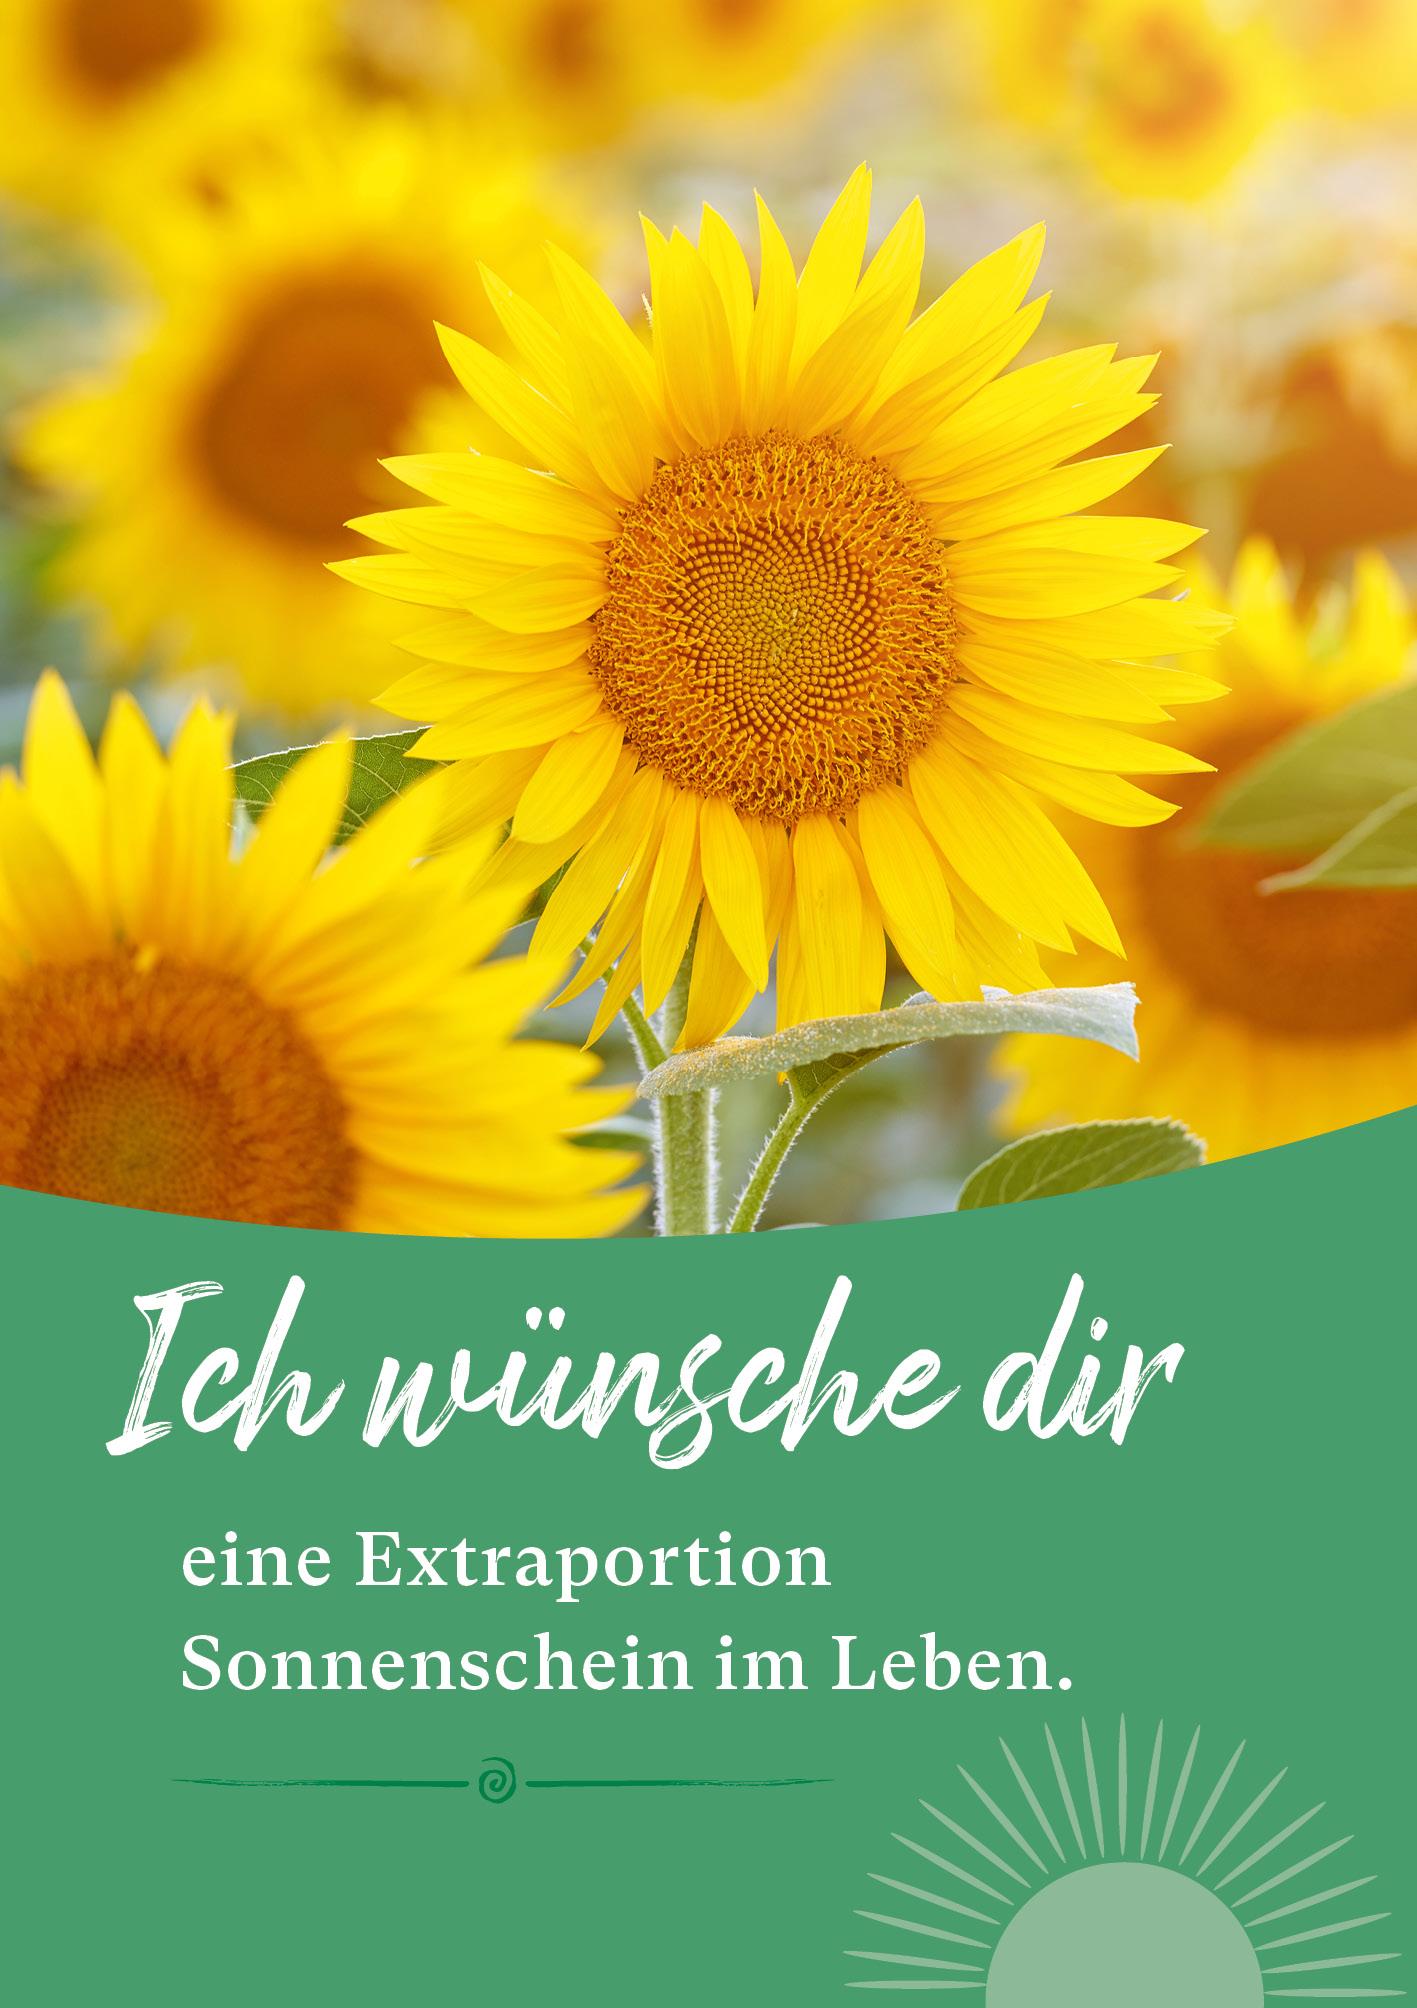 Kunst-Postkarte - Sonnenschein im Leben